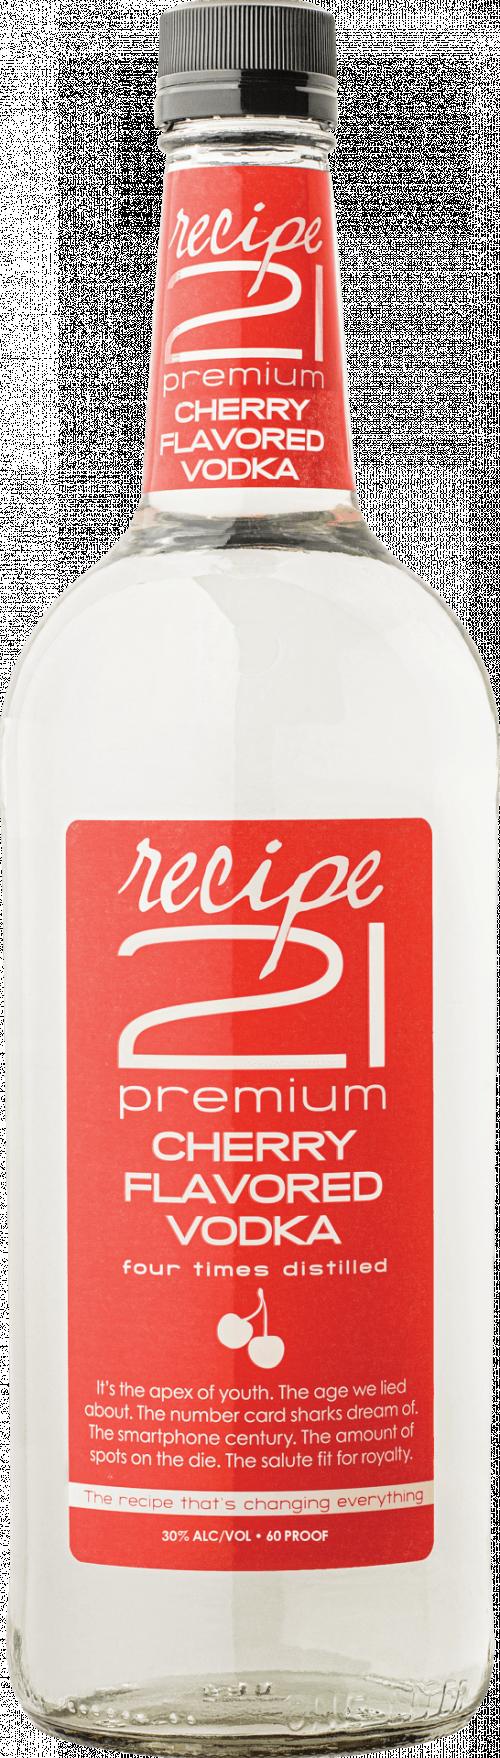 Recipe 21 Cherry Vodka 1.75L